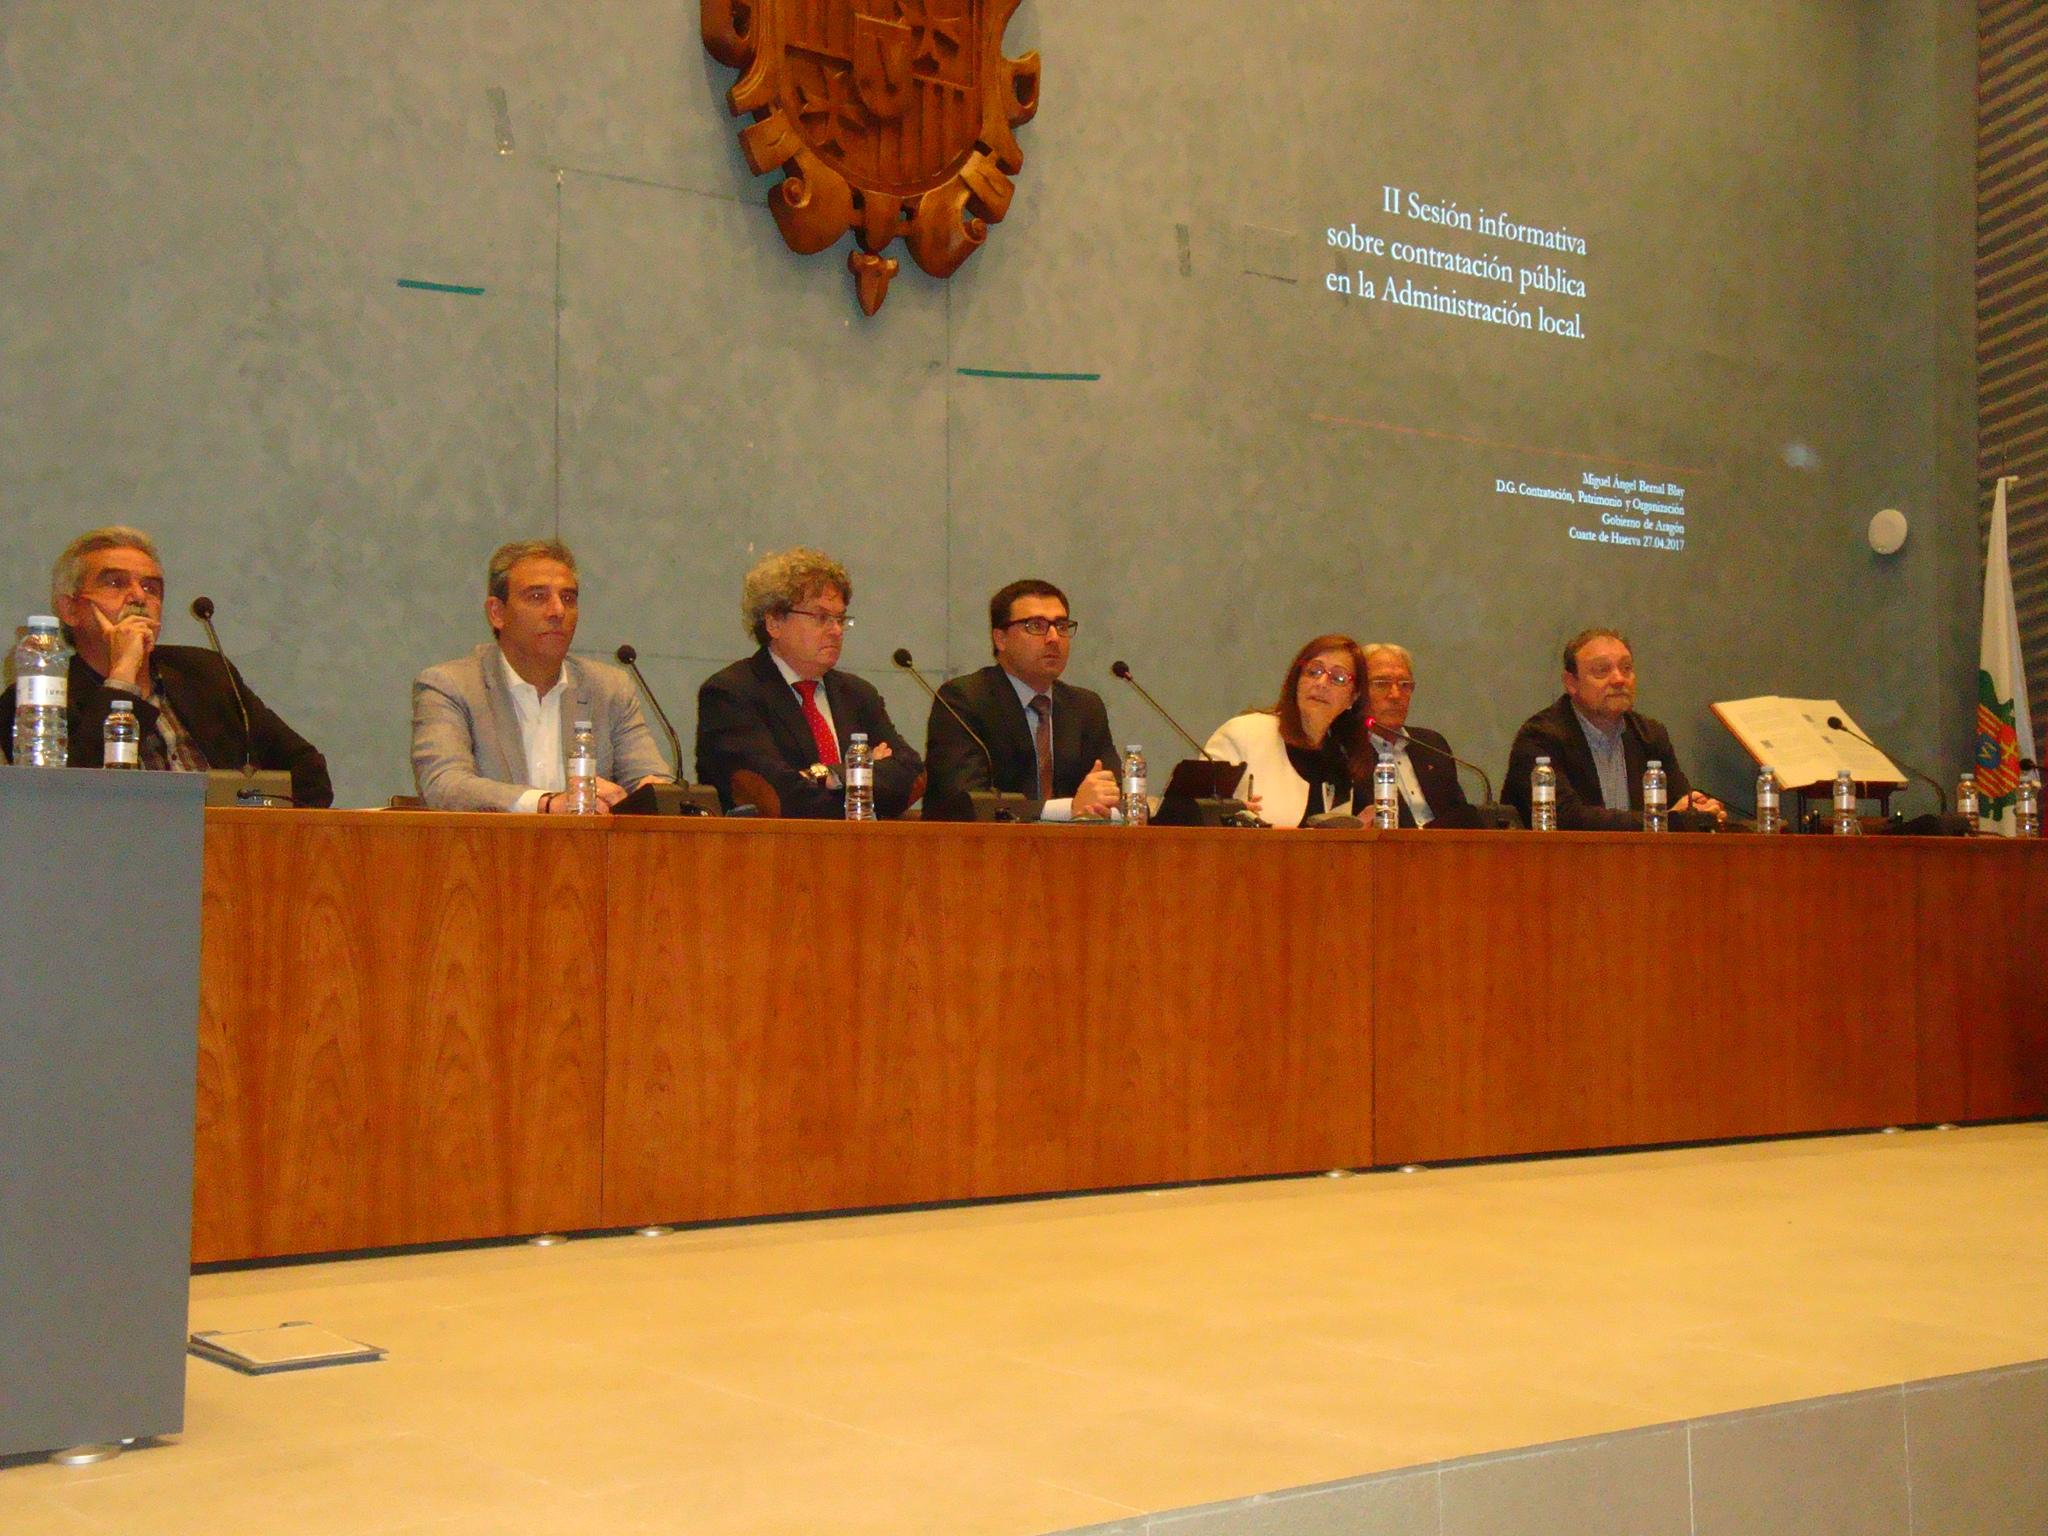 Sesión informativa sobre contratos